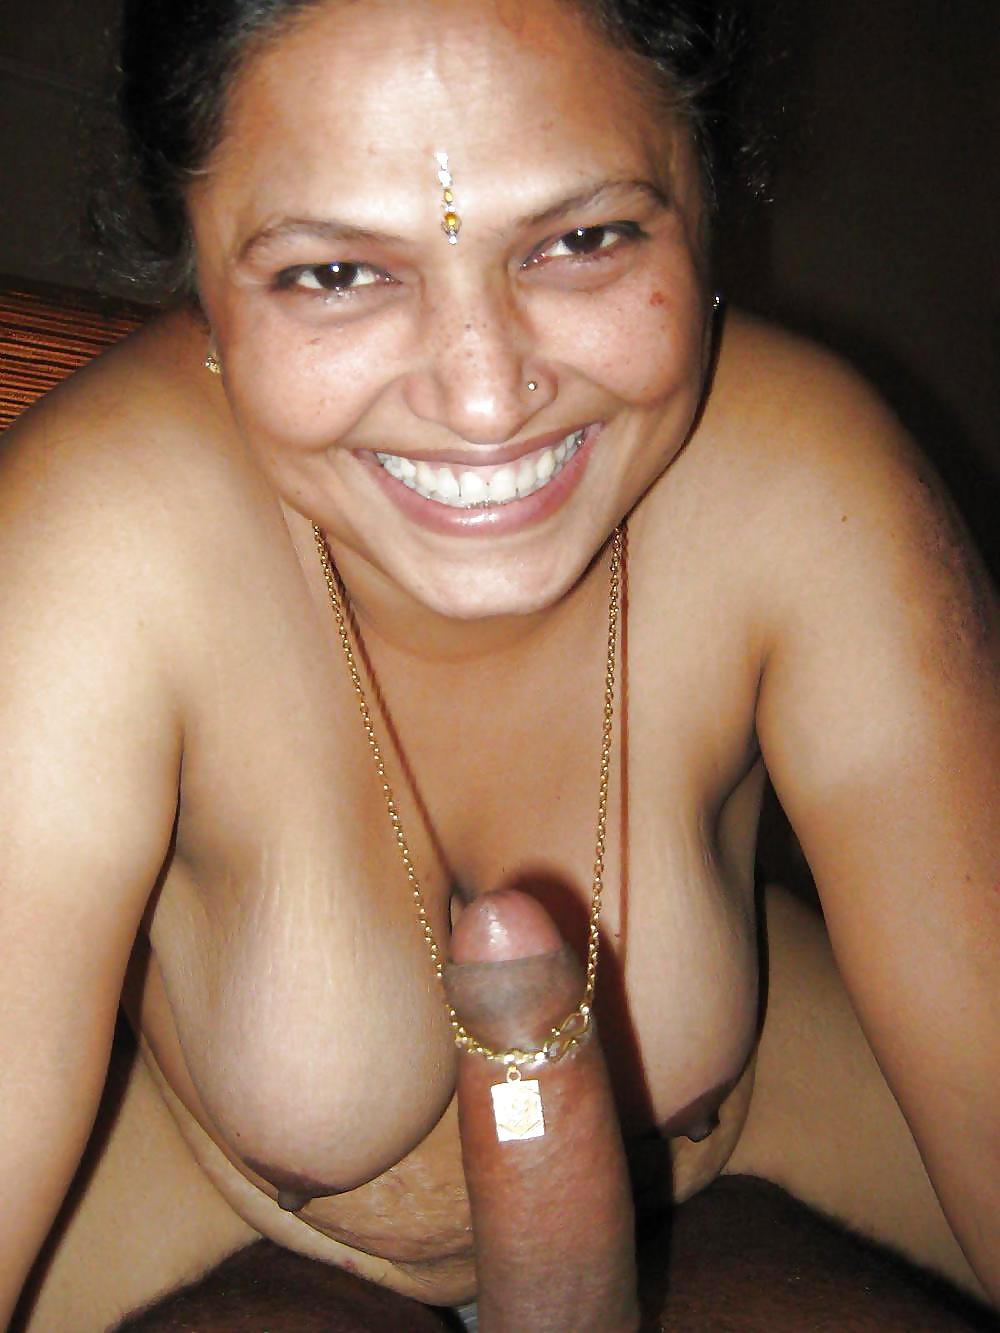 Sex photo kerala woman